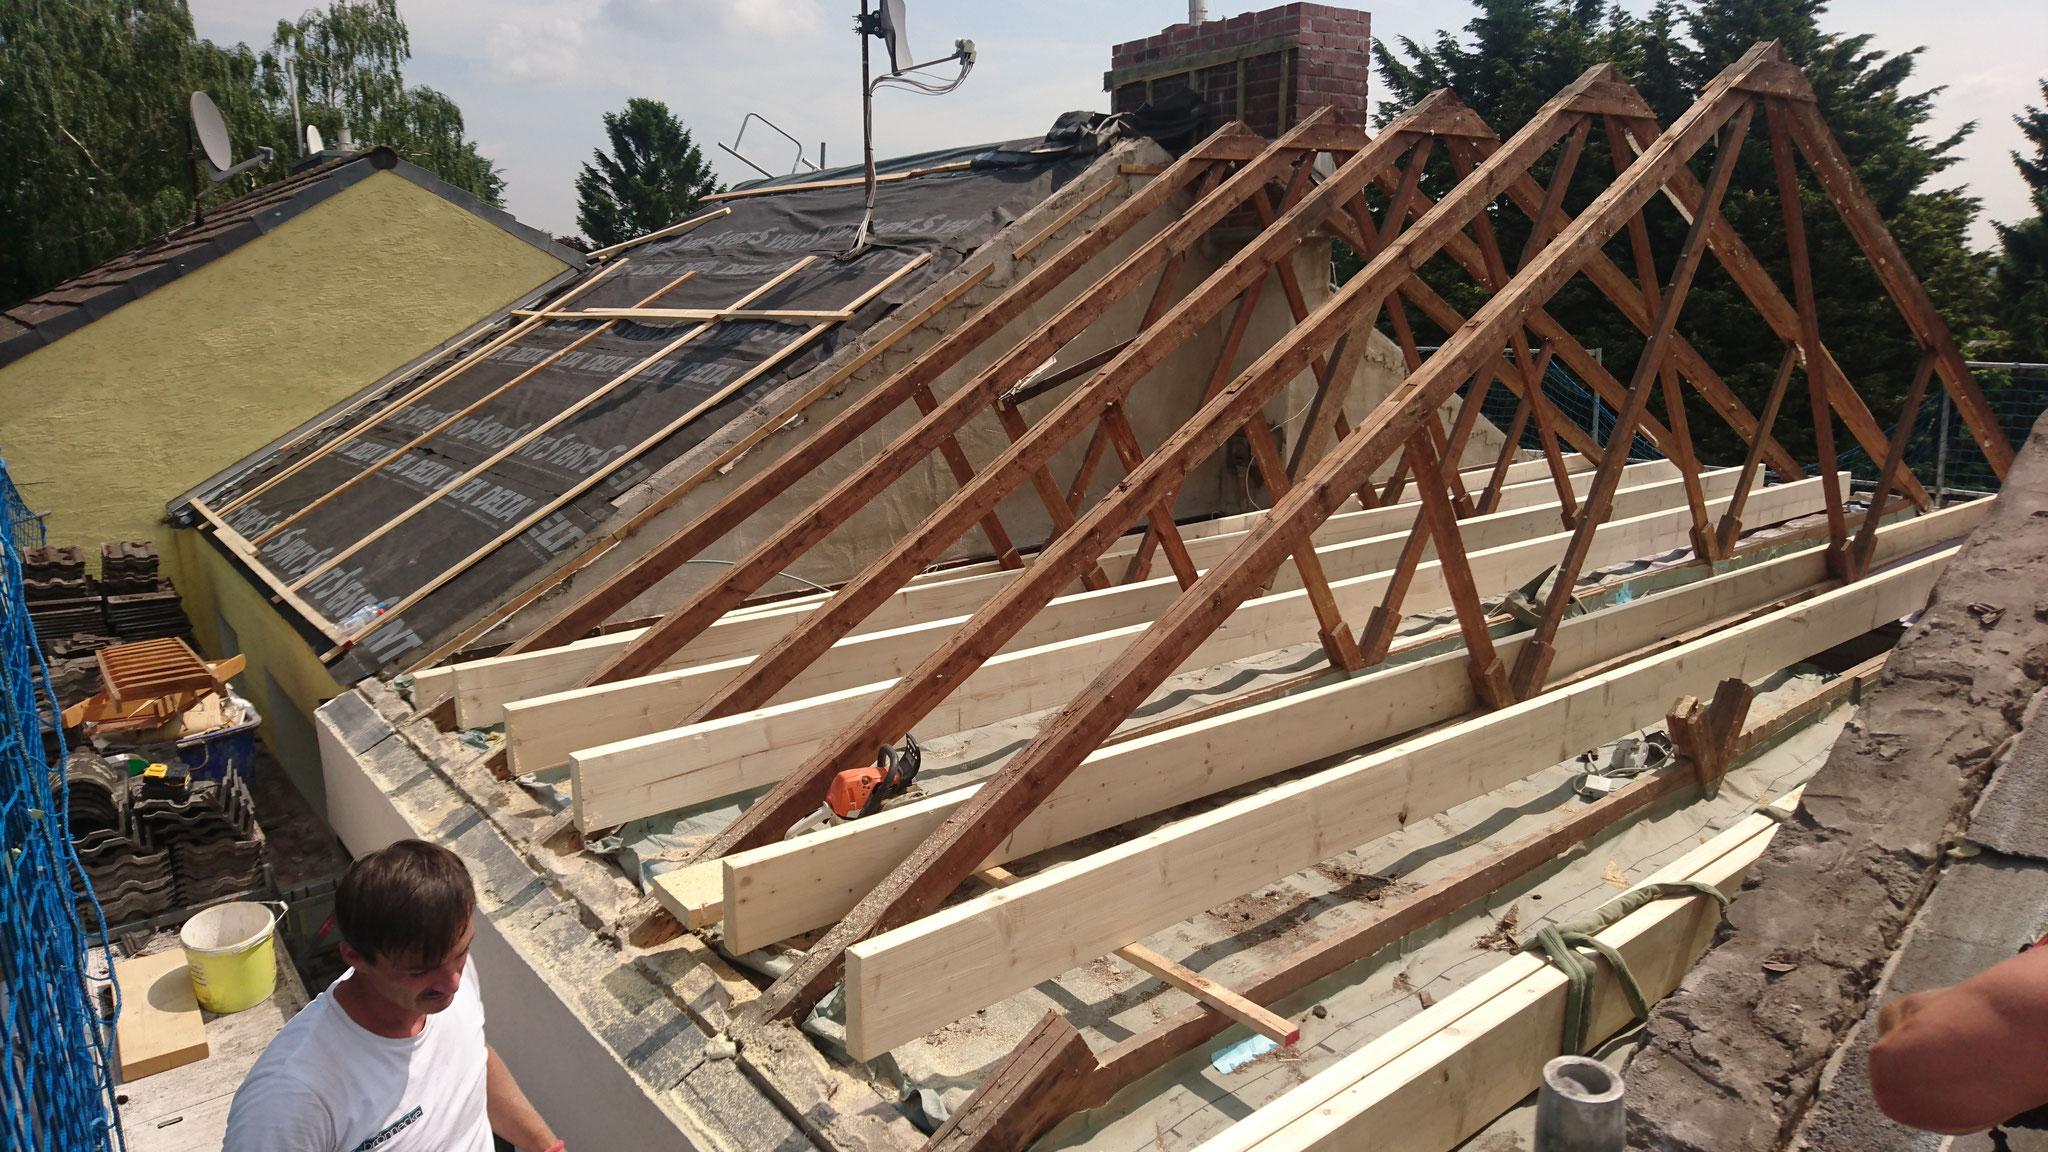 Jetzt steht nur noch der alte Dachstuhl, unten ist schon die neue Balkenlage montiert.